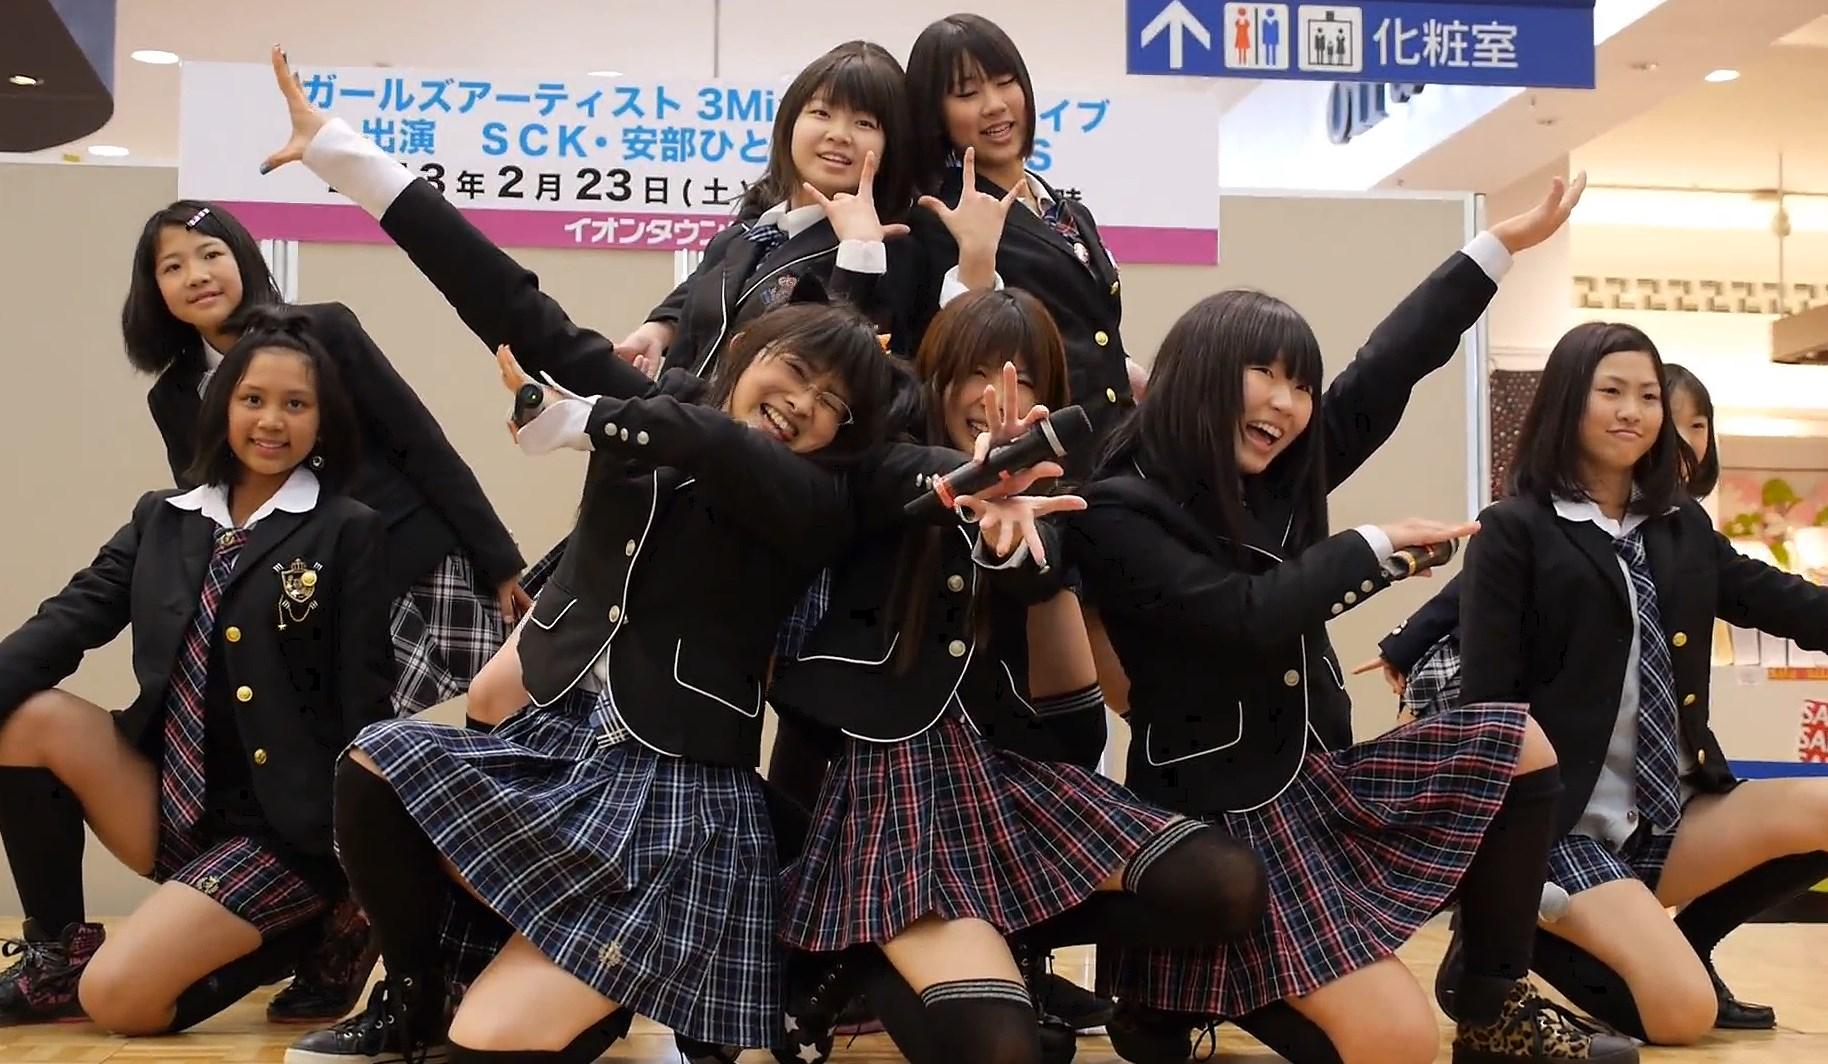 制服ニーハイが眩しい!宮城県のローカルアイドルのイオンでのイベント動画!!